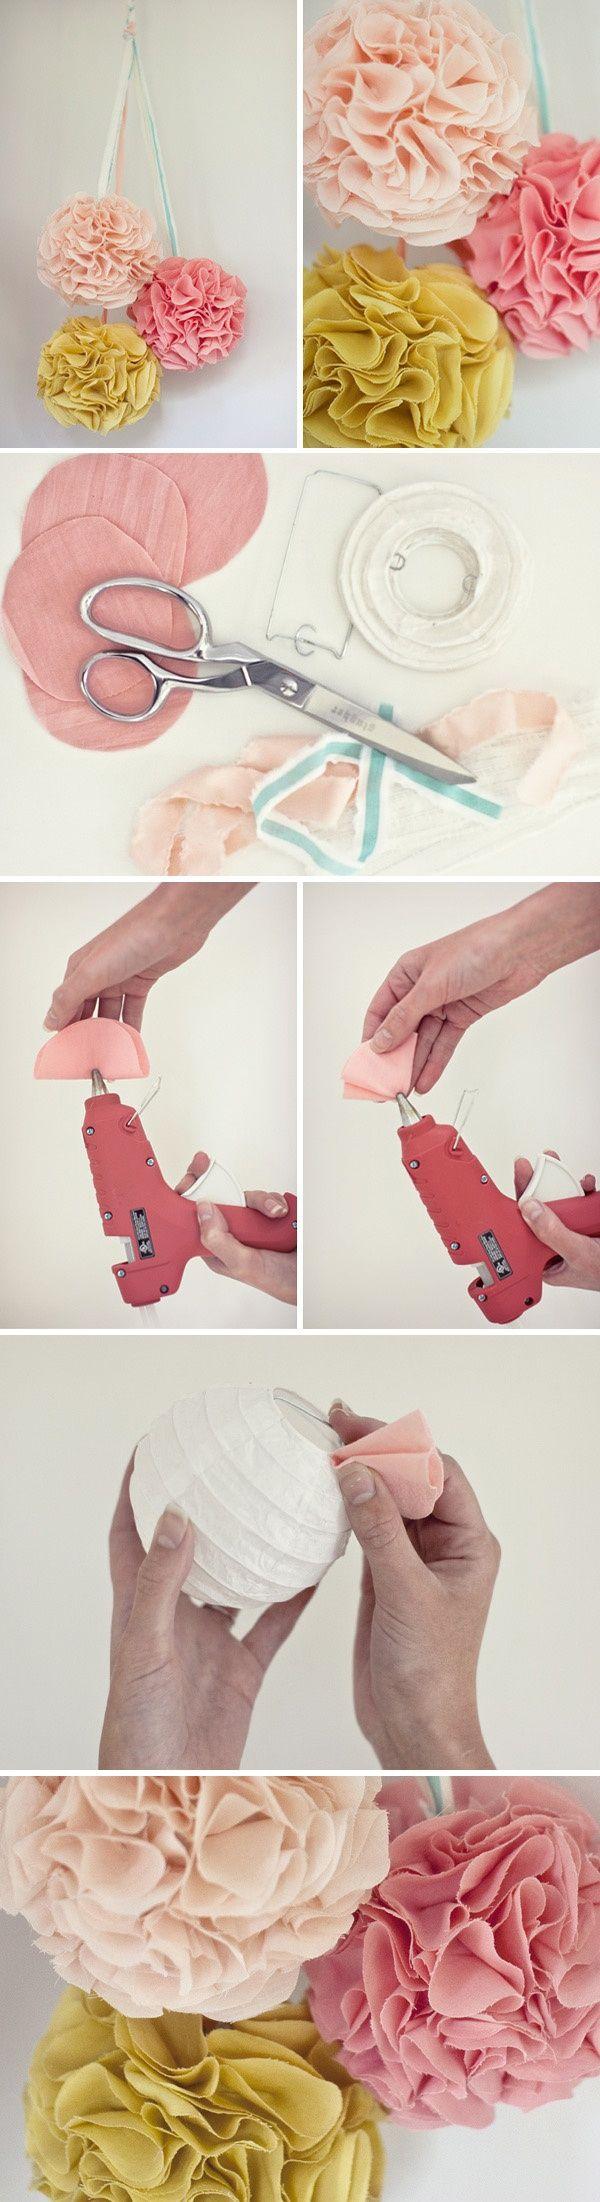 Faça Você Mesma Painel para Festas ou Decoração da Casa (parte II) - Recicla Home Design: